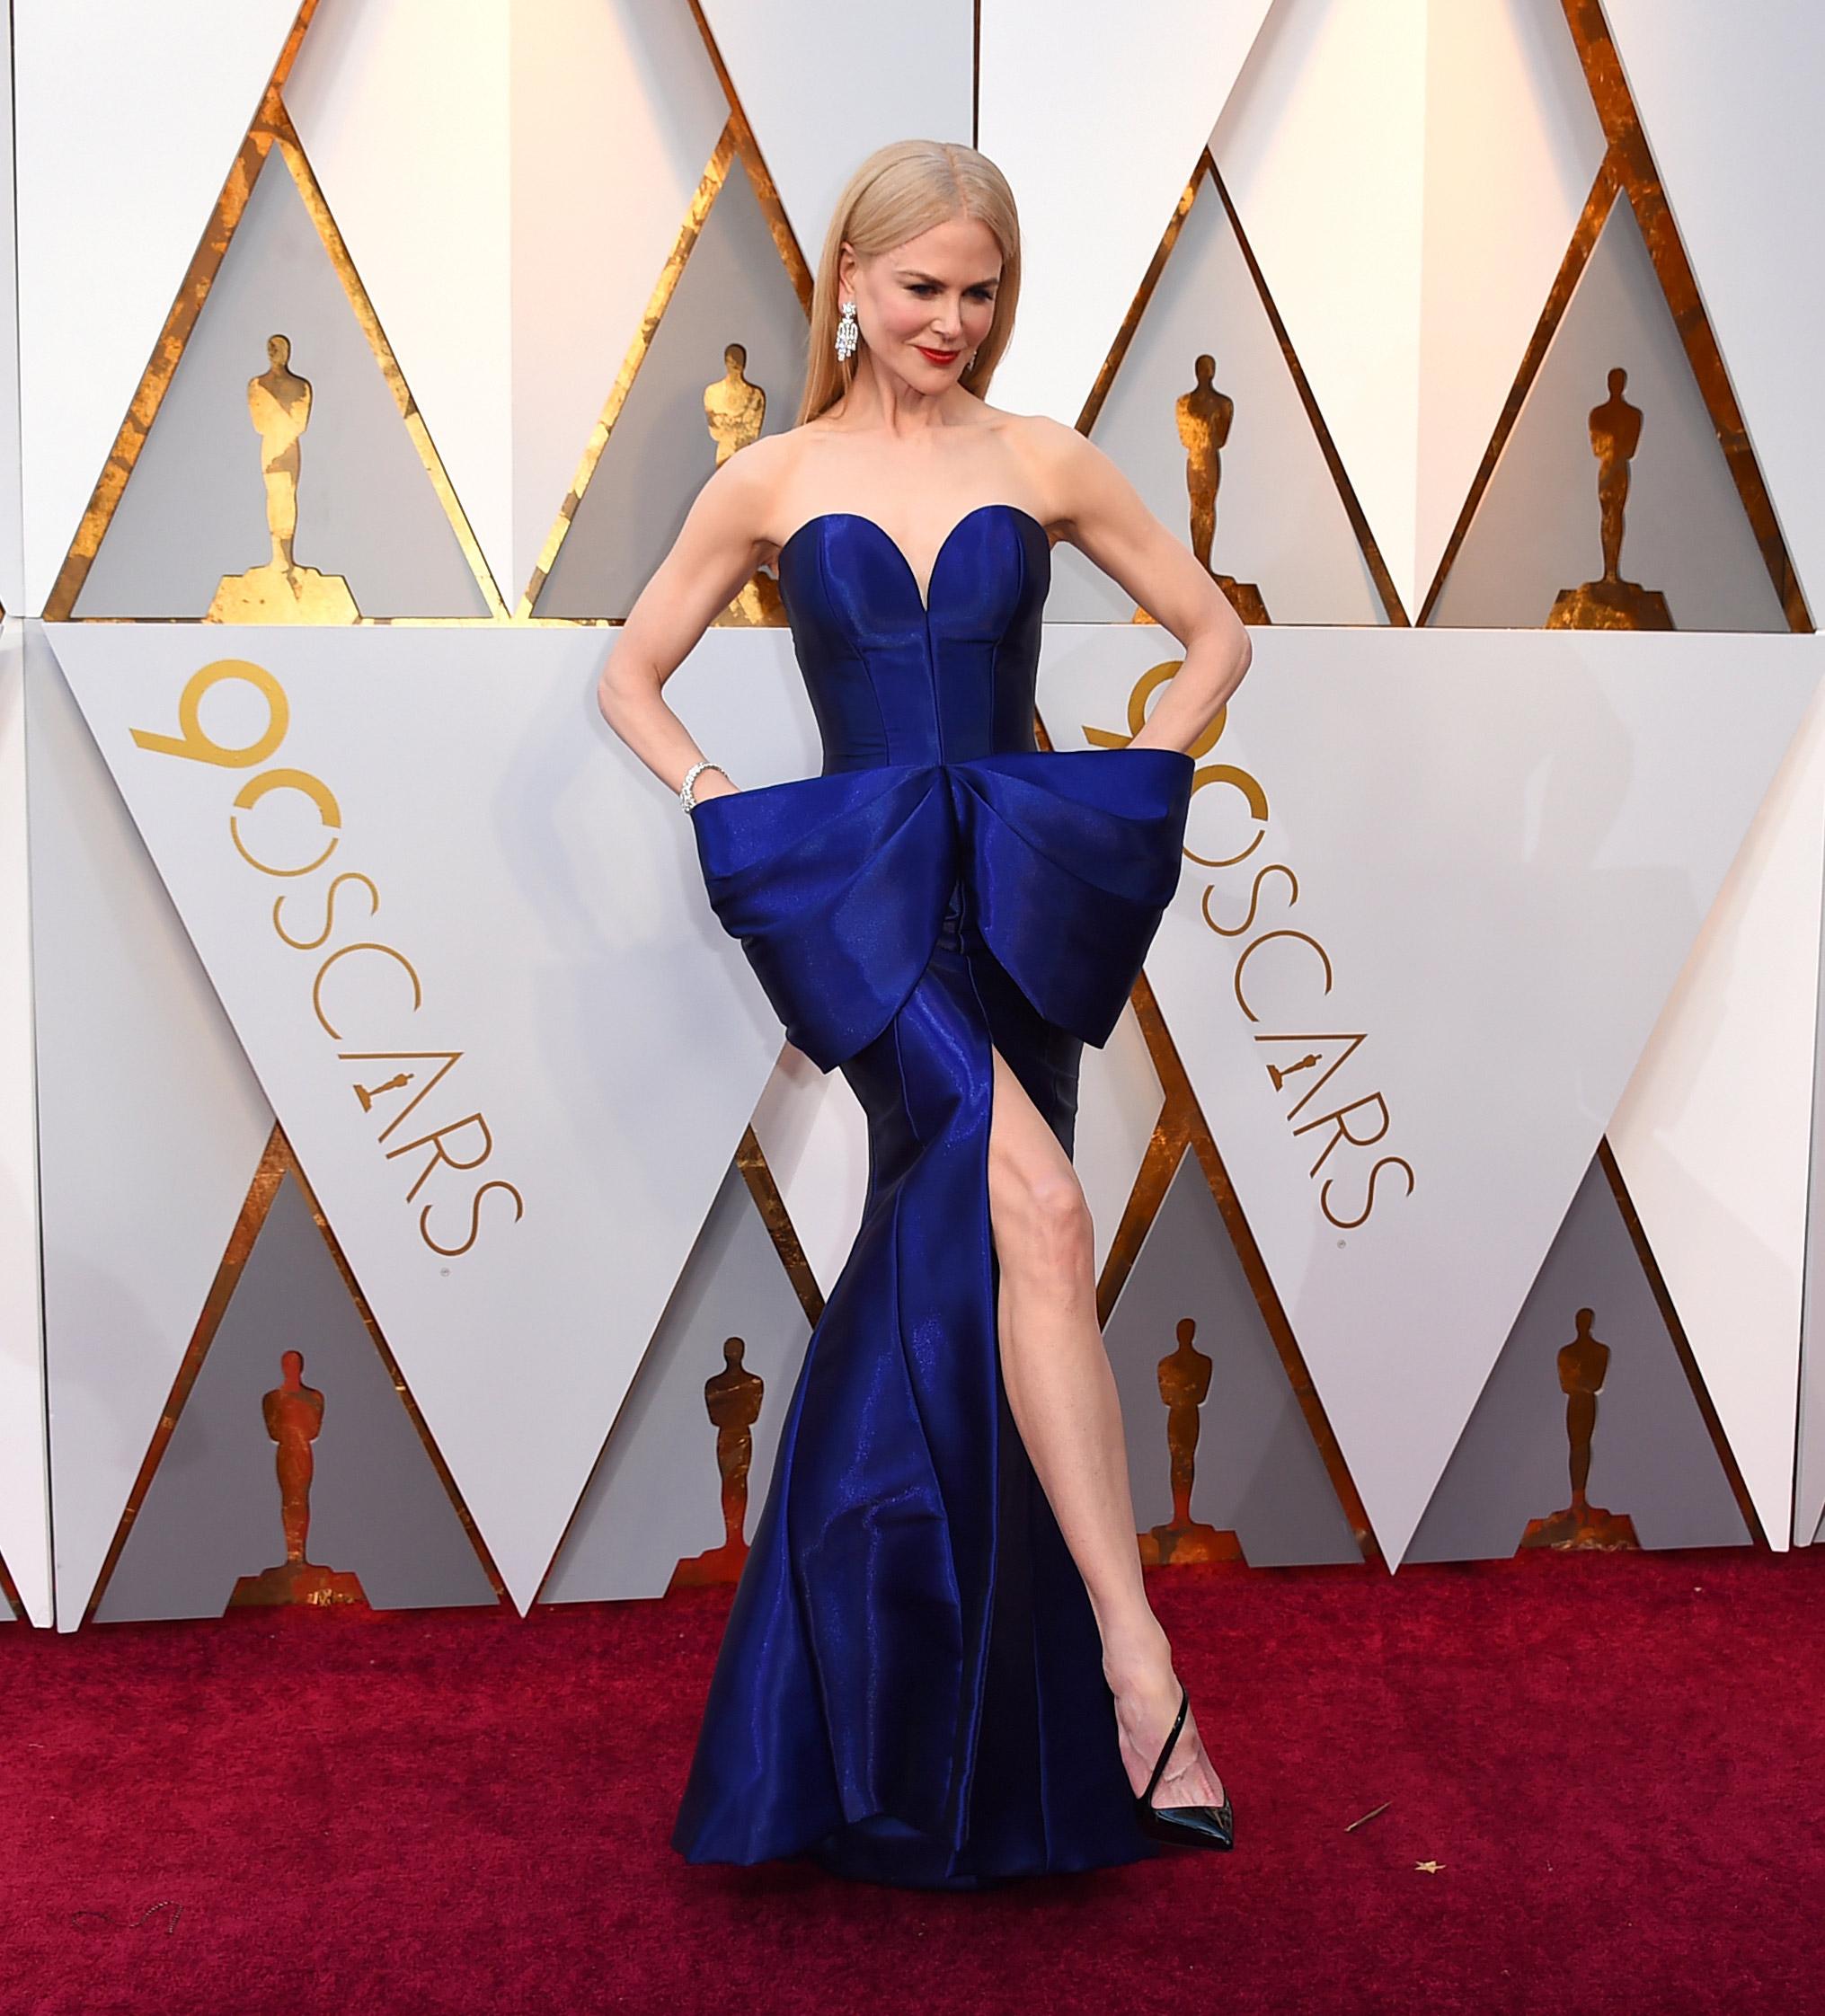 Nicole Kidman, en un impactante vestido azul royal con un moño a modo de cinturón de Armani Privé, al llegar a la 90 entrega de los premios Oscar. (The Associated Press)